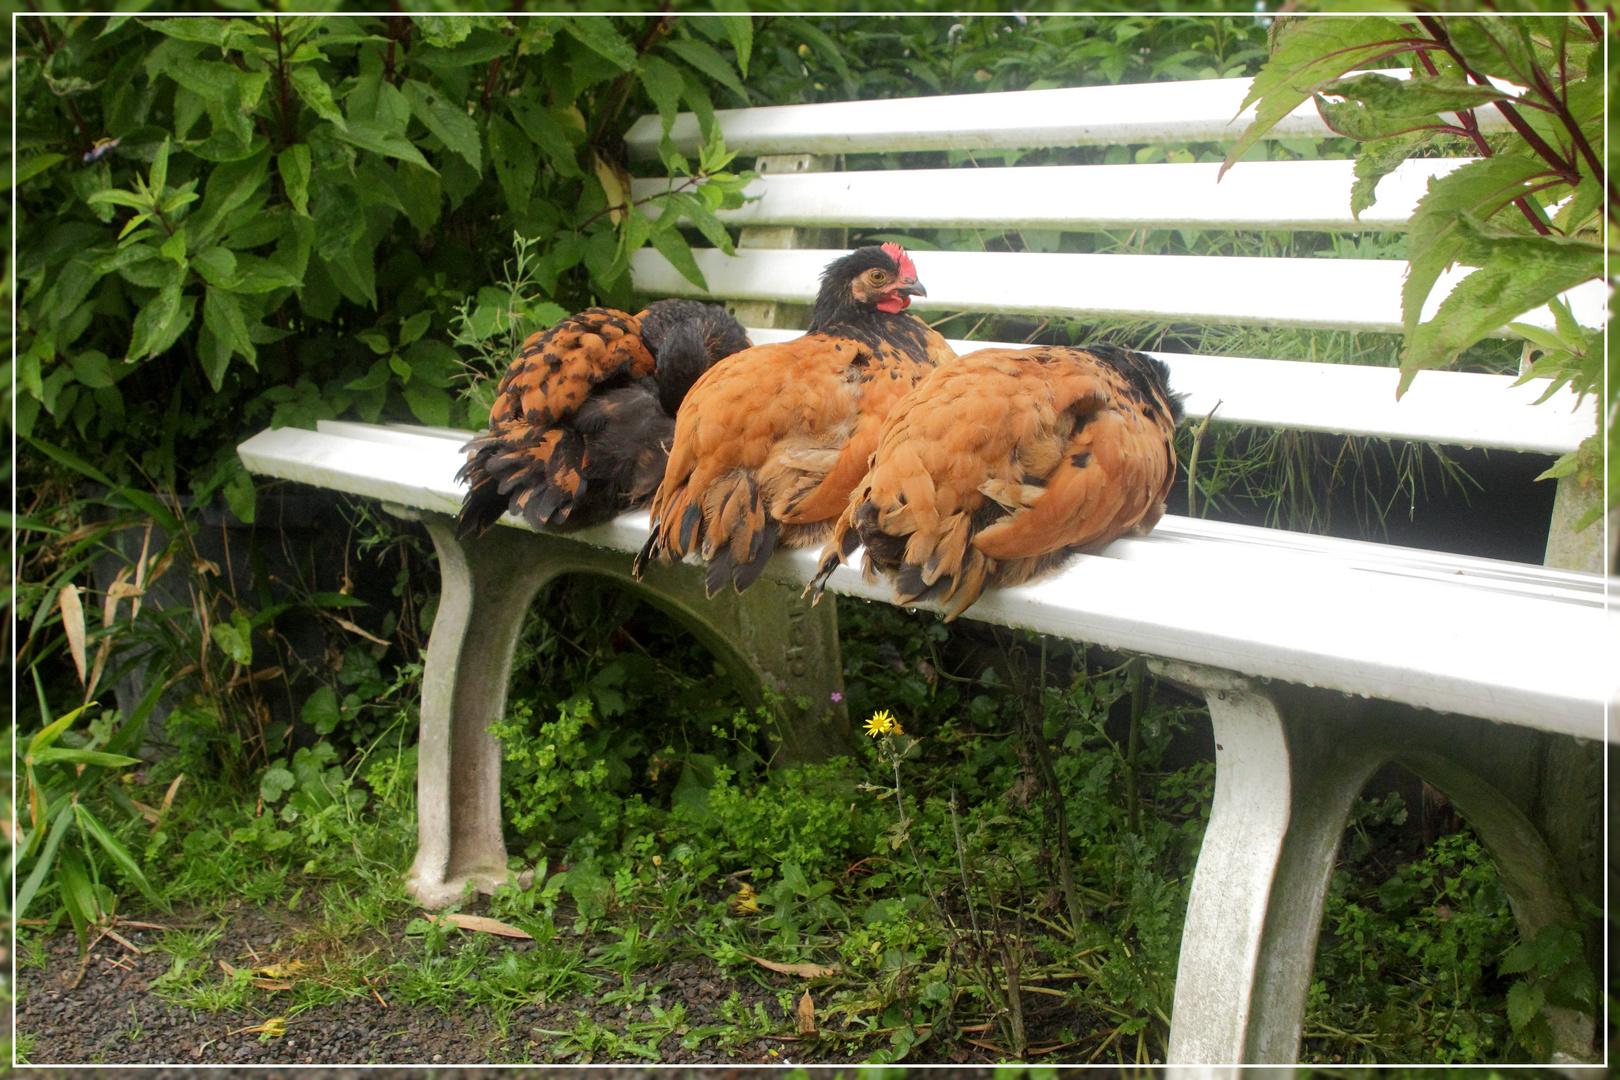 Drei Hühner auf einer Bank.